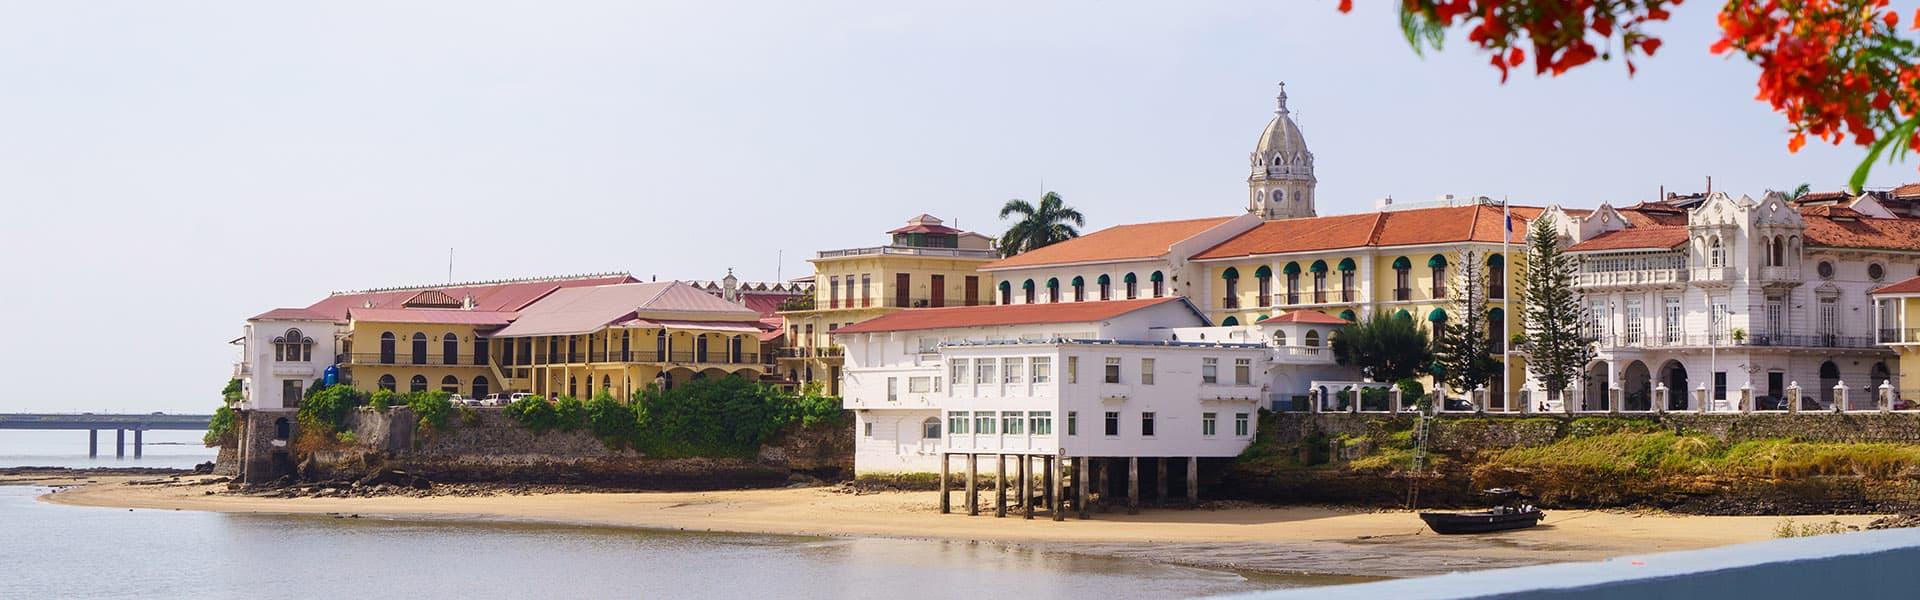 תעלת פנמה: מקסיקו וקוסטה ריקהלמיאמי